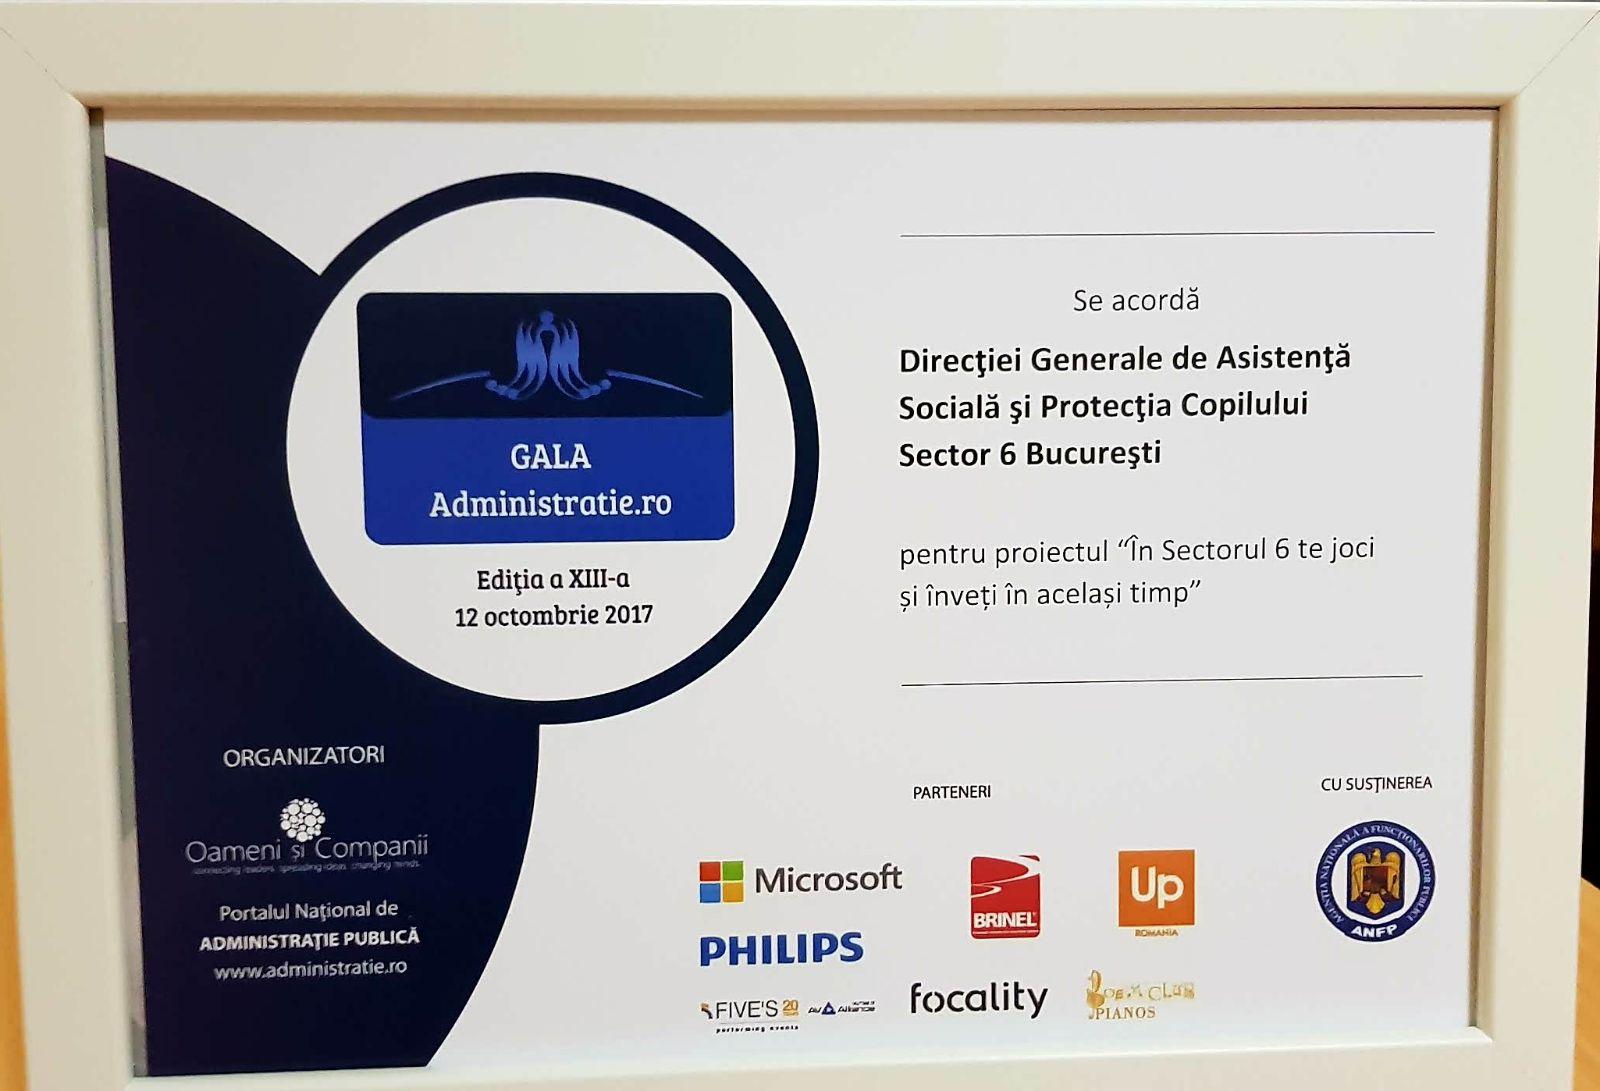 Premiu Directia Generala de Asistenta Sociala si Protectia Copilului Sector 6 Bucuresti - Gala Administrație.ro